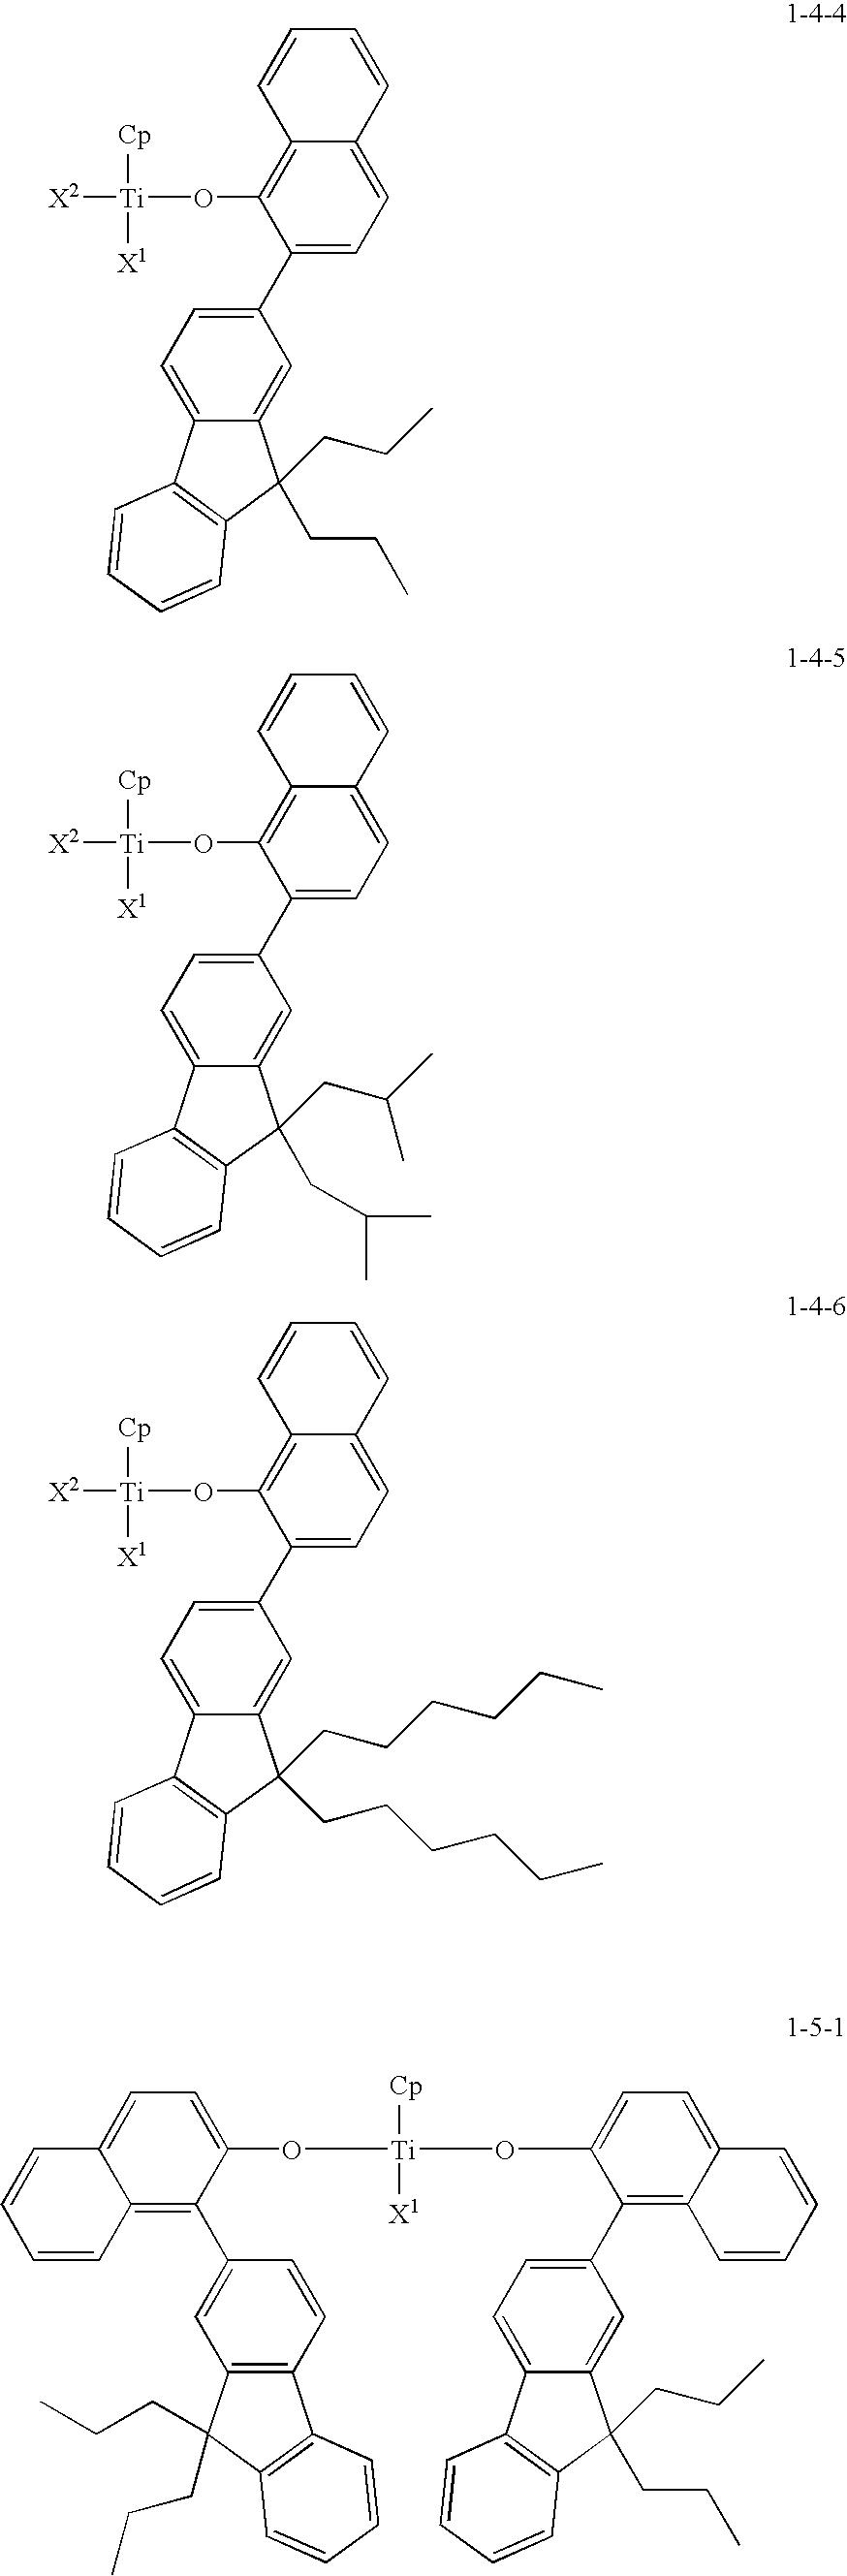 Figure US20100081776A1-20100401-C00020